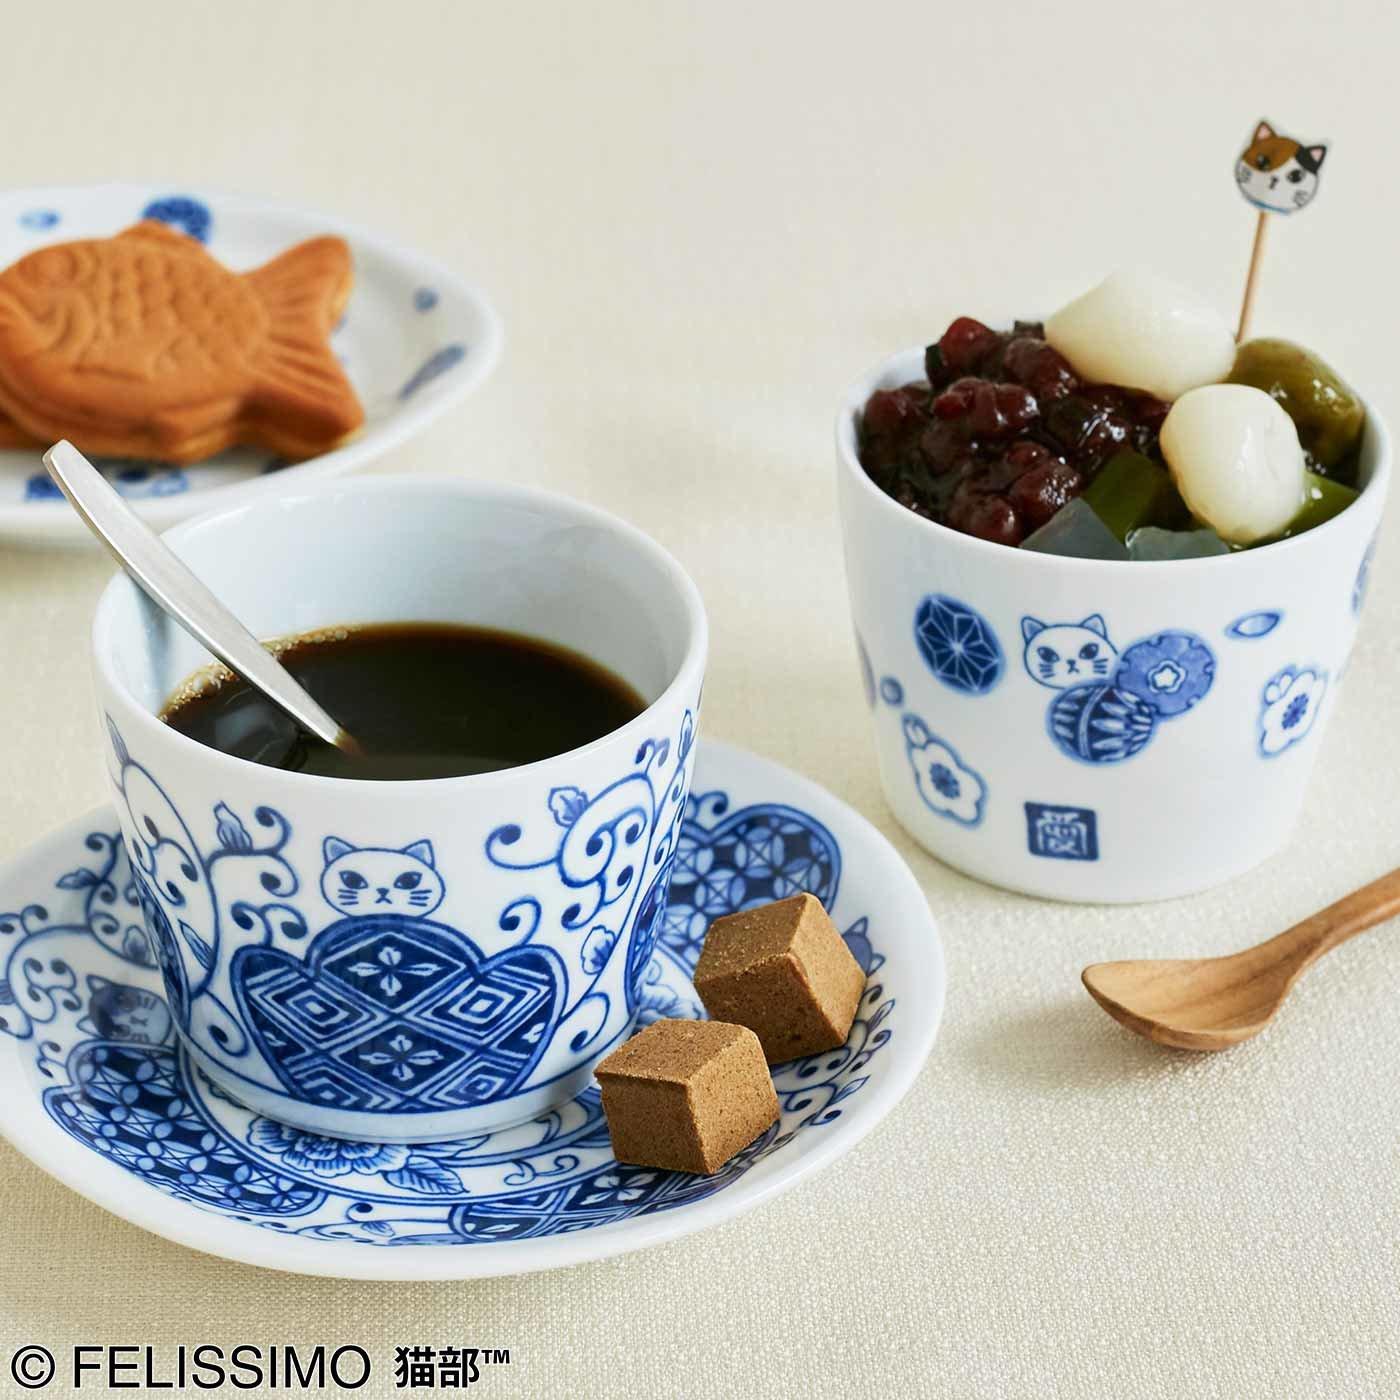 猫部×佐賀有田焼で楽しむ「カフェインレス猫珈(ねこ)」こざらとそばちょこの会